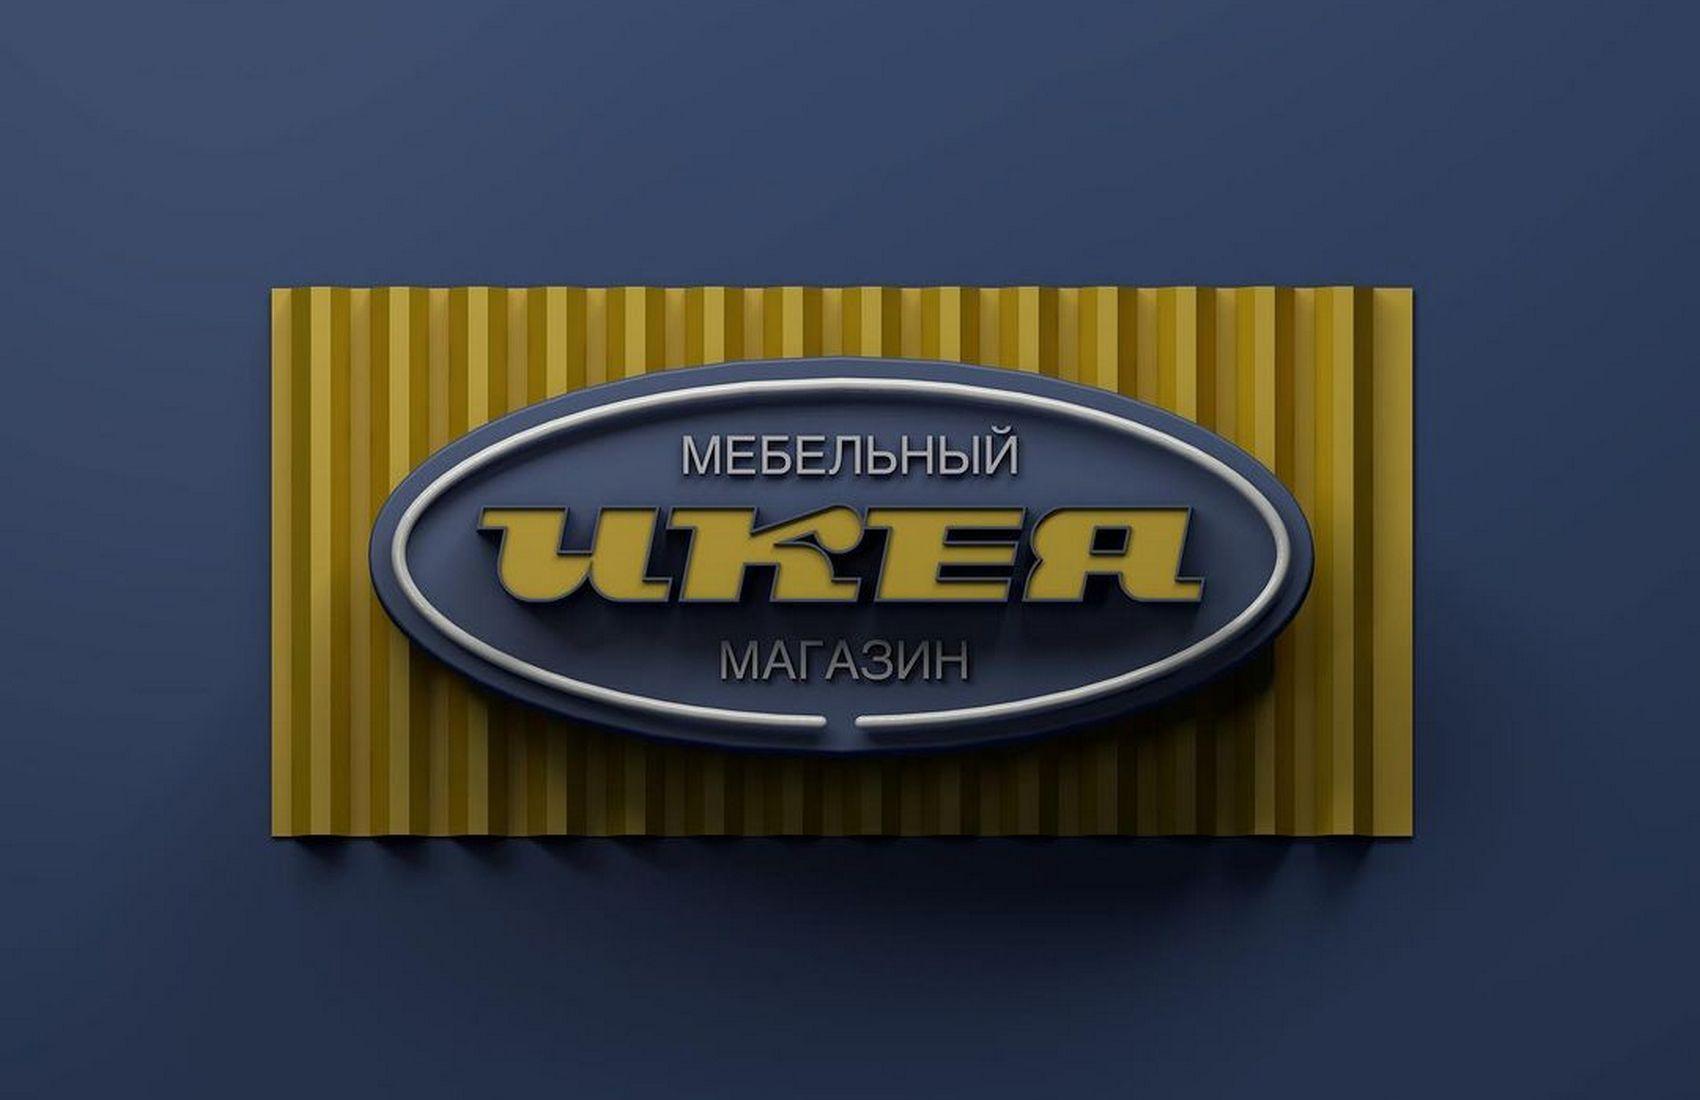 В Украине адаптировали логотипы IKEA, Tinder и Netflix под вывески времён СССР